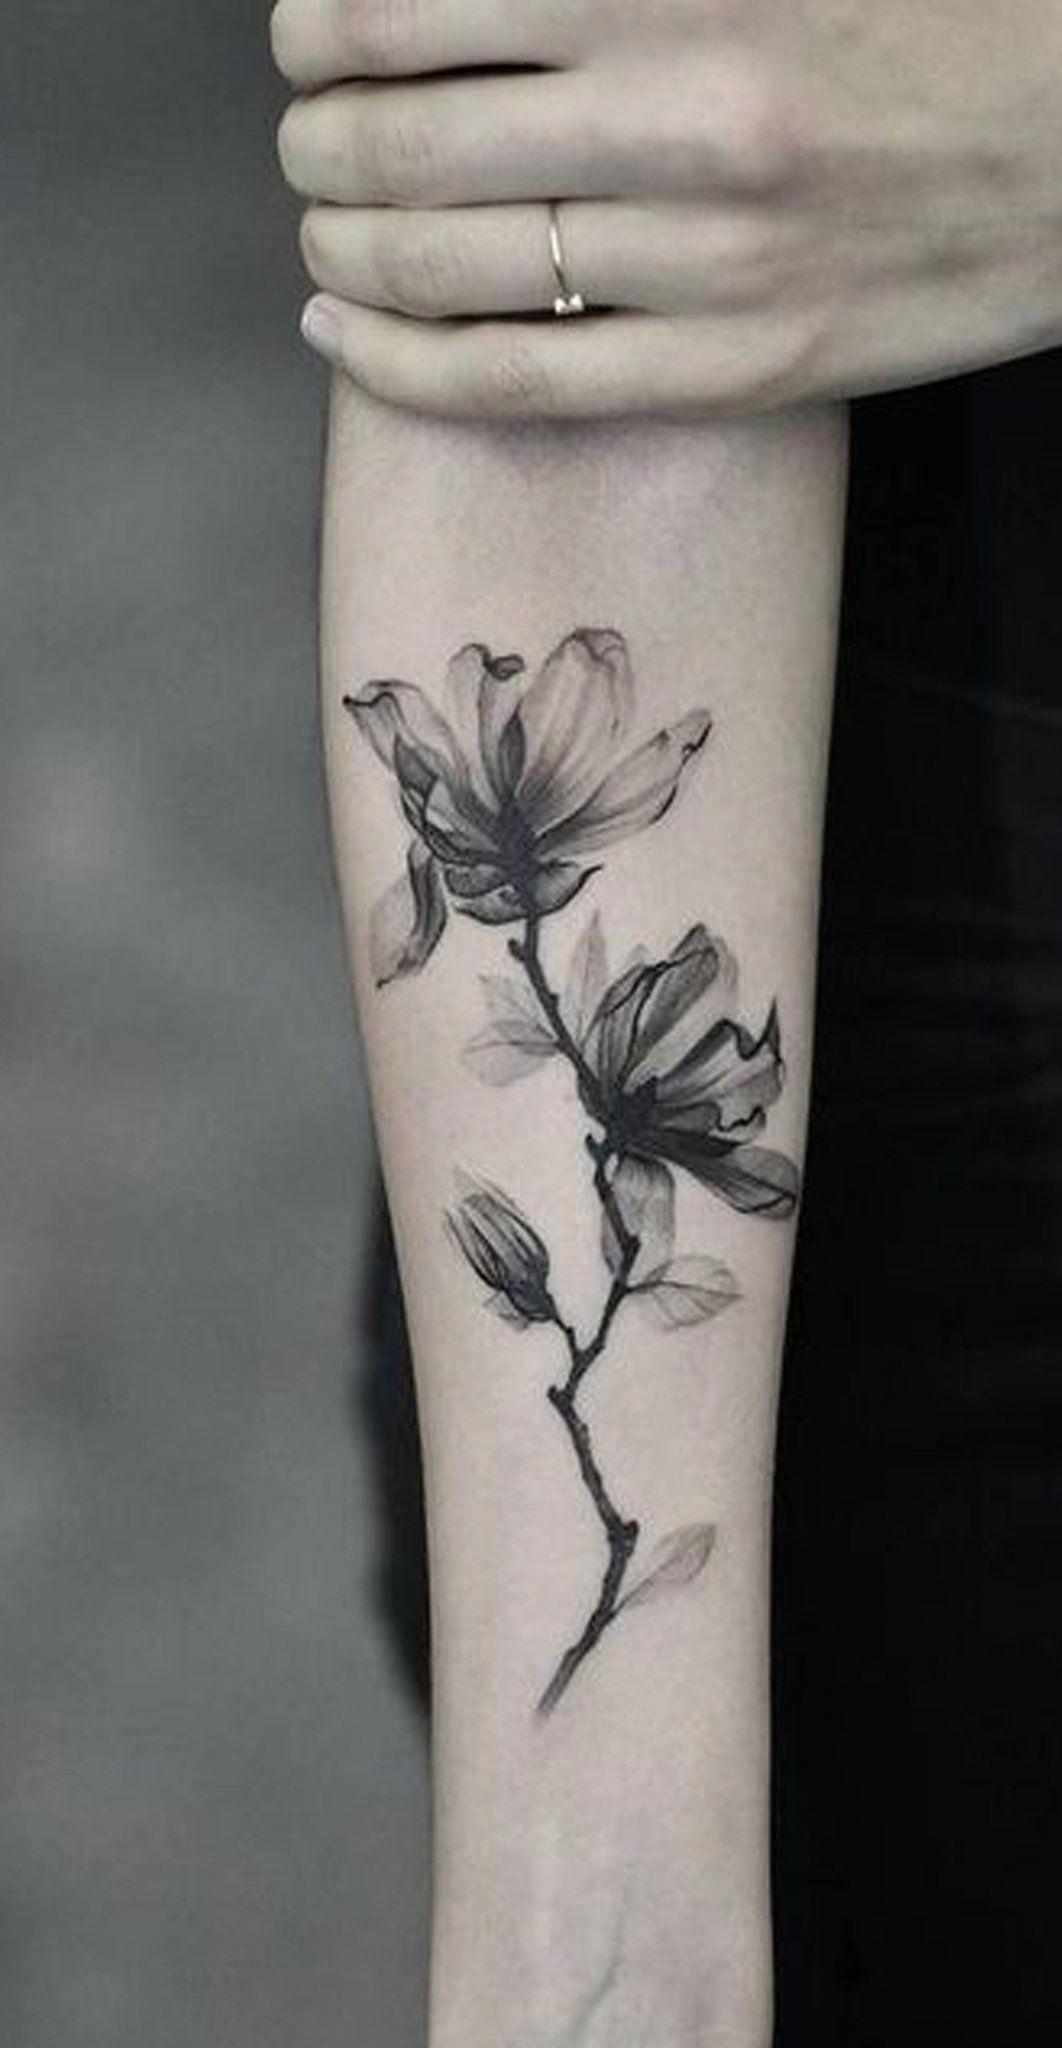 Watercolor Black Magnolia Forearm Tattoo Ideas For Women Www